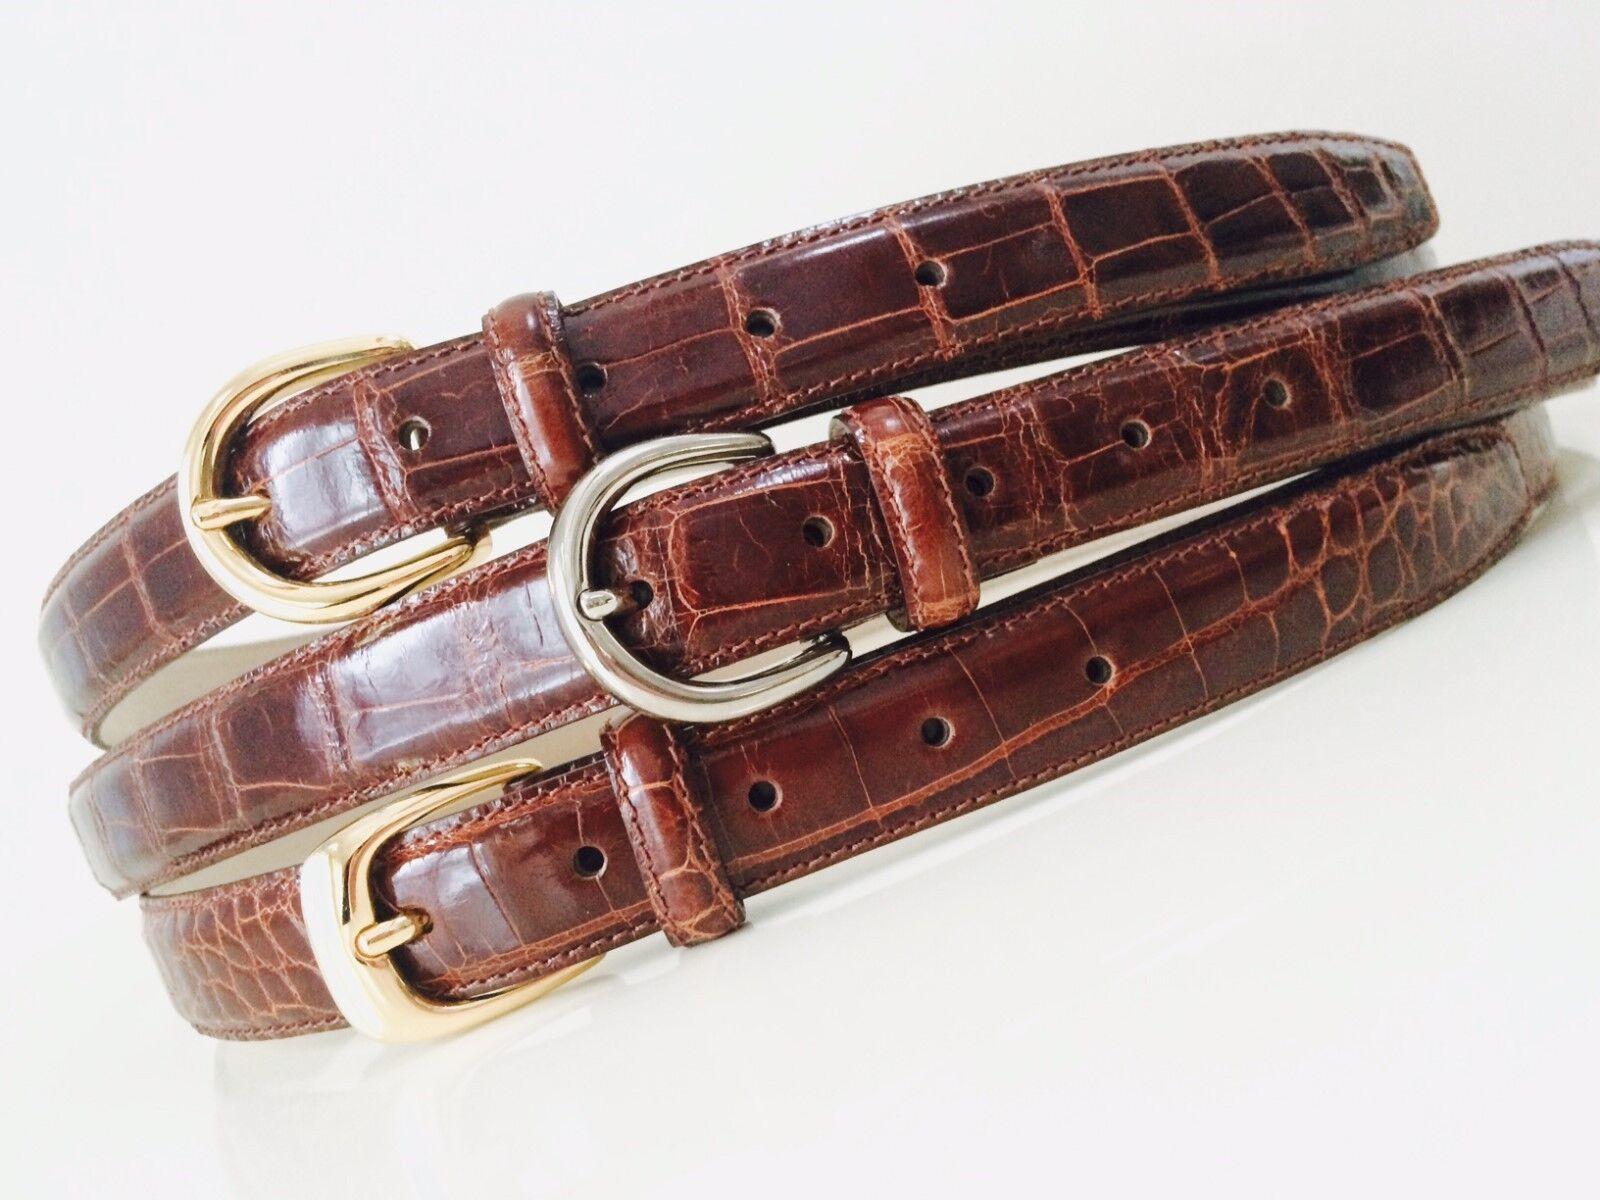 Nuevo cinturón de COCODRILO Cognac Marrón Real Gran menor precio para borrar los últimos 3